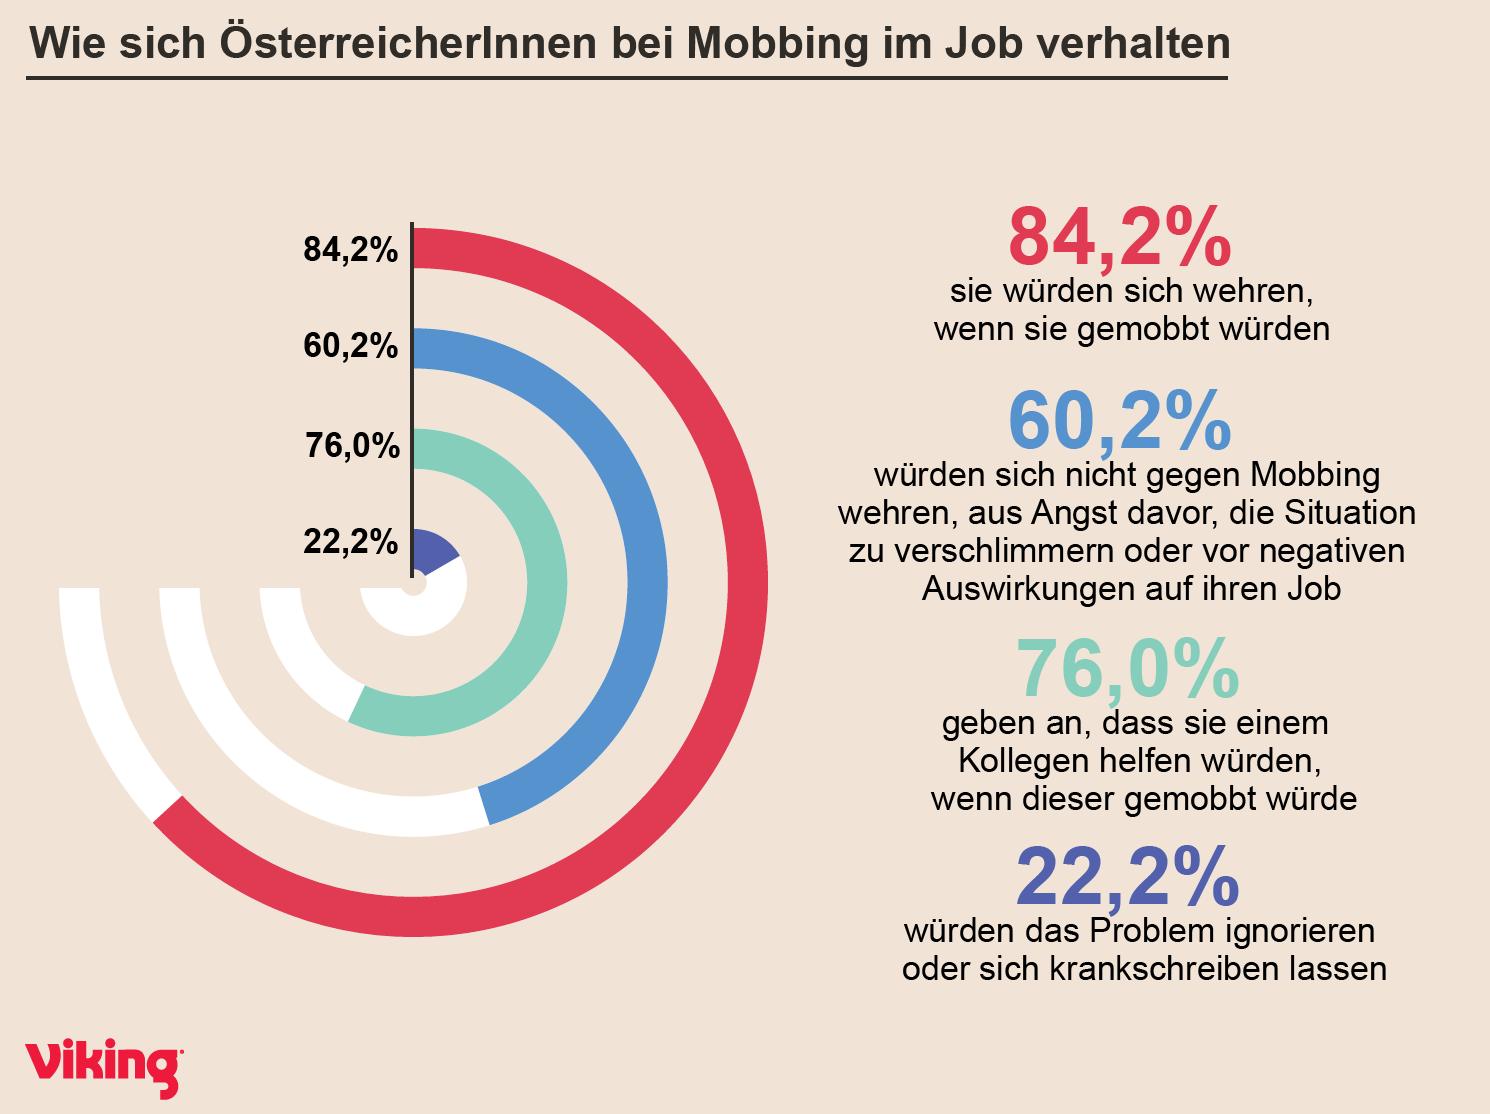 Mobbing - Verhalten in Österreich